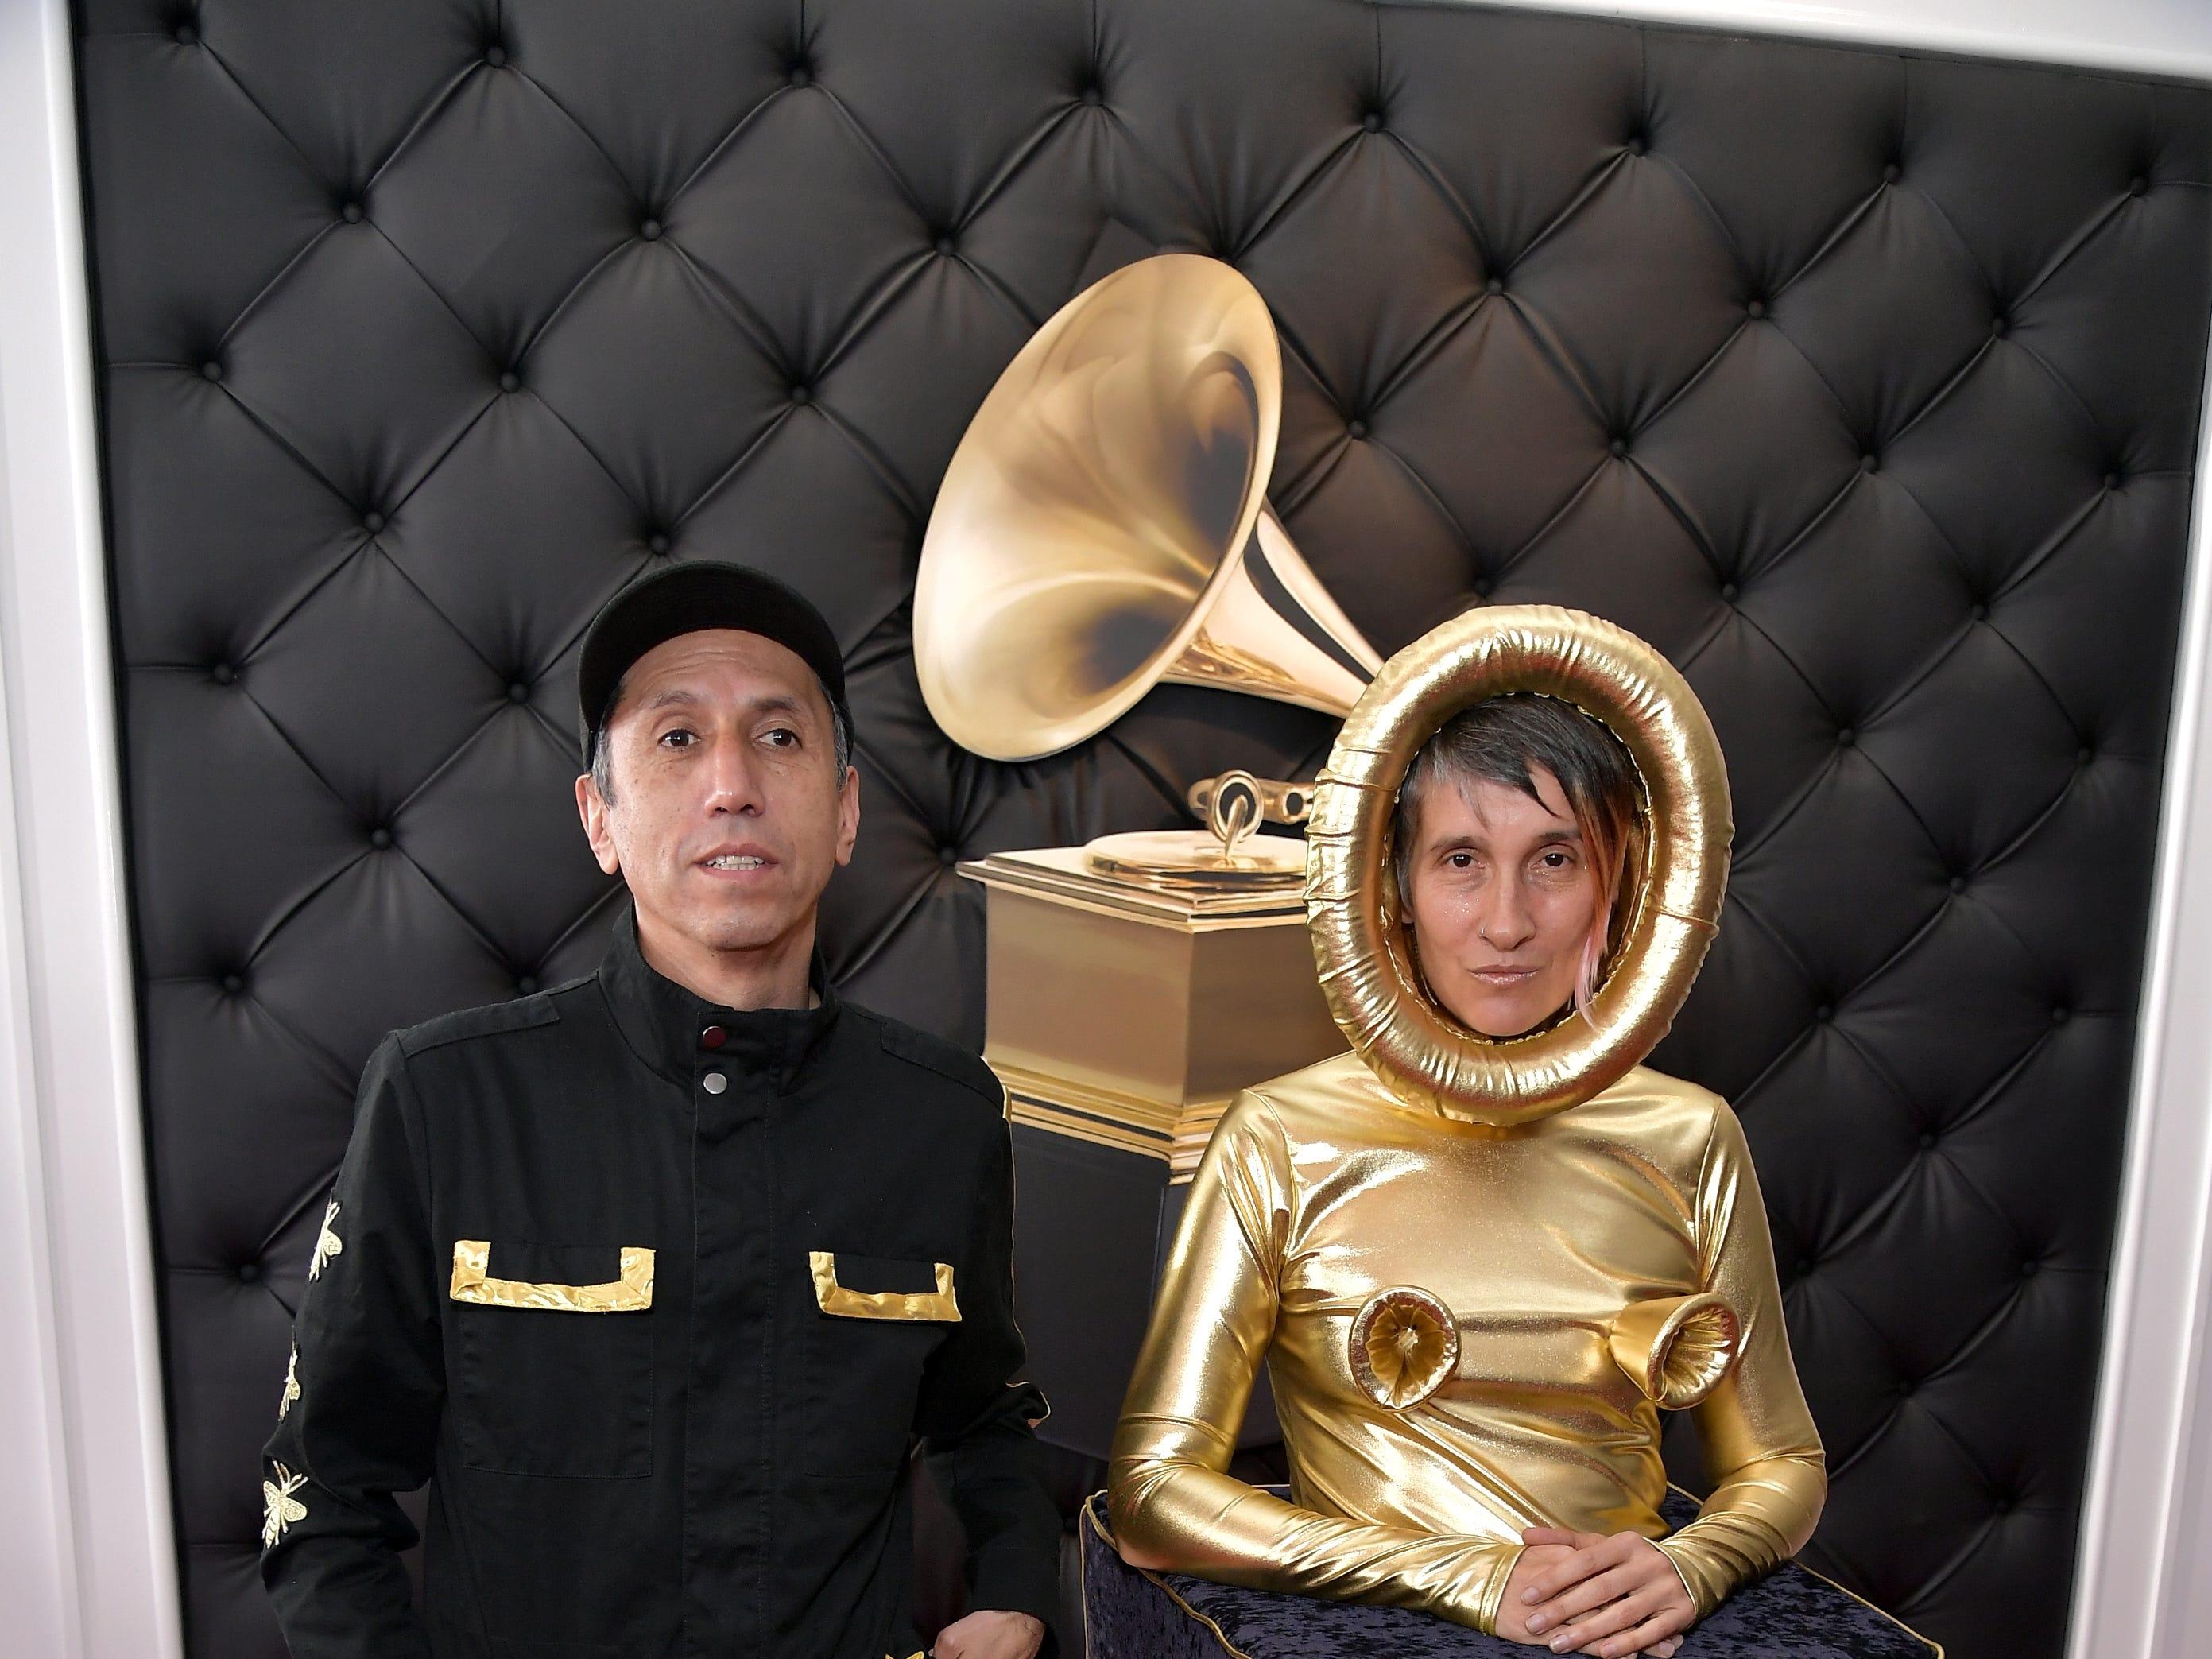 Hector Buitrado (izq) y Andrea Echeverry de Aterciopelados asisten a la 61ª edición de los premios GRAMMY en el Staples Center el 10 de febrero de 2019 en Los Ángeles, California.